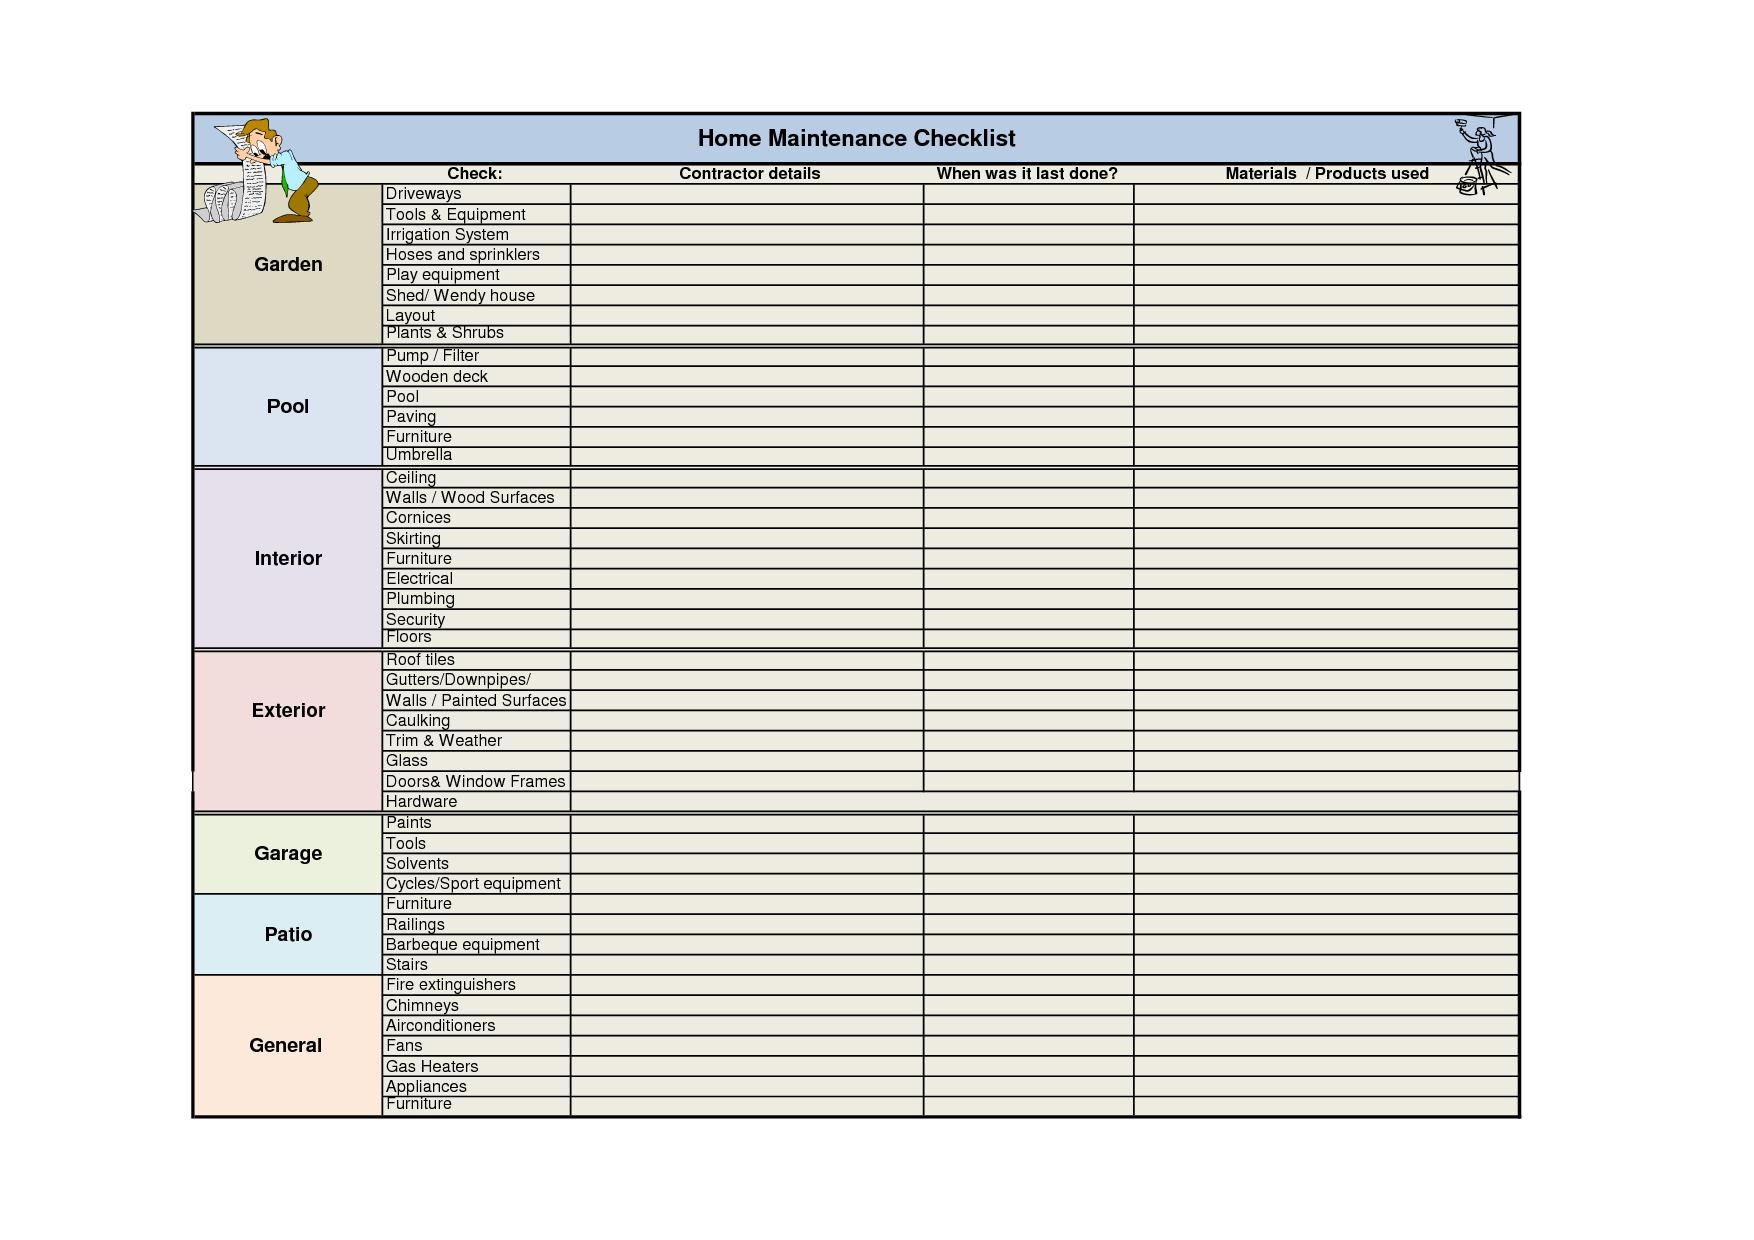 Home Maintenance Schedule Spreadsheet | My Spreadsheet Templates Intended For Home Maintenance Spreadsheet